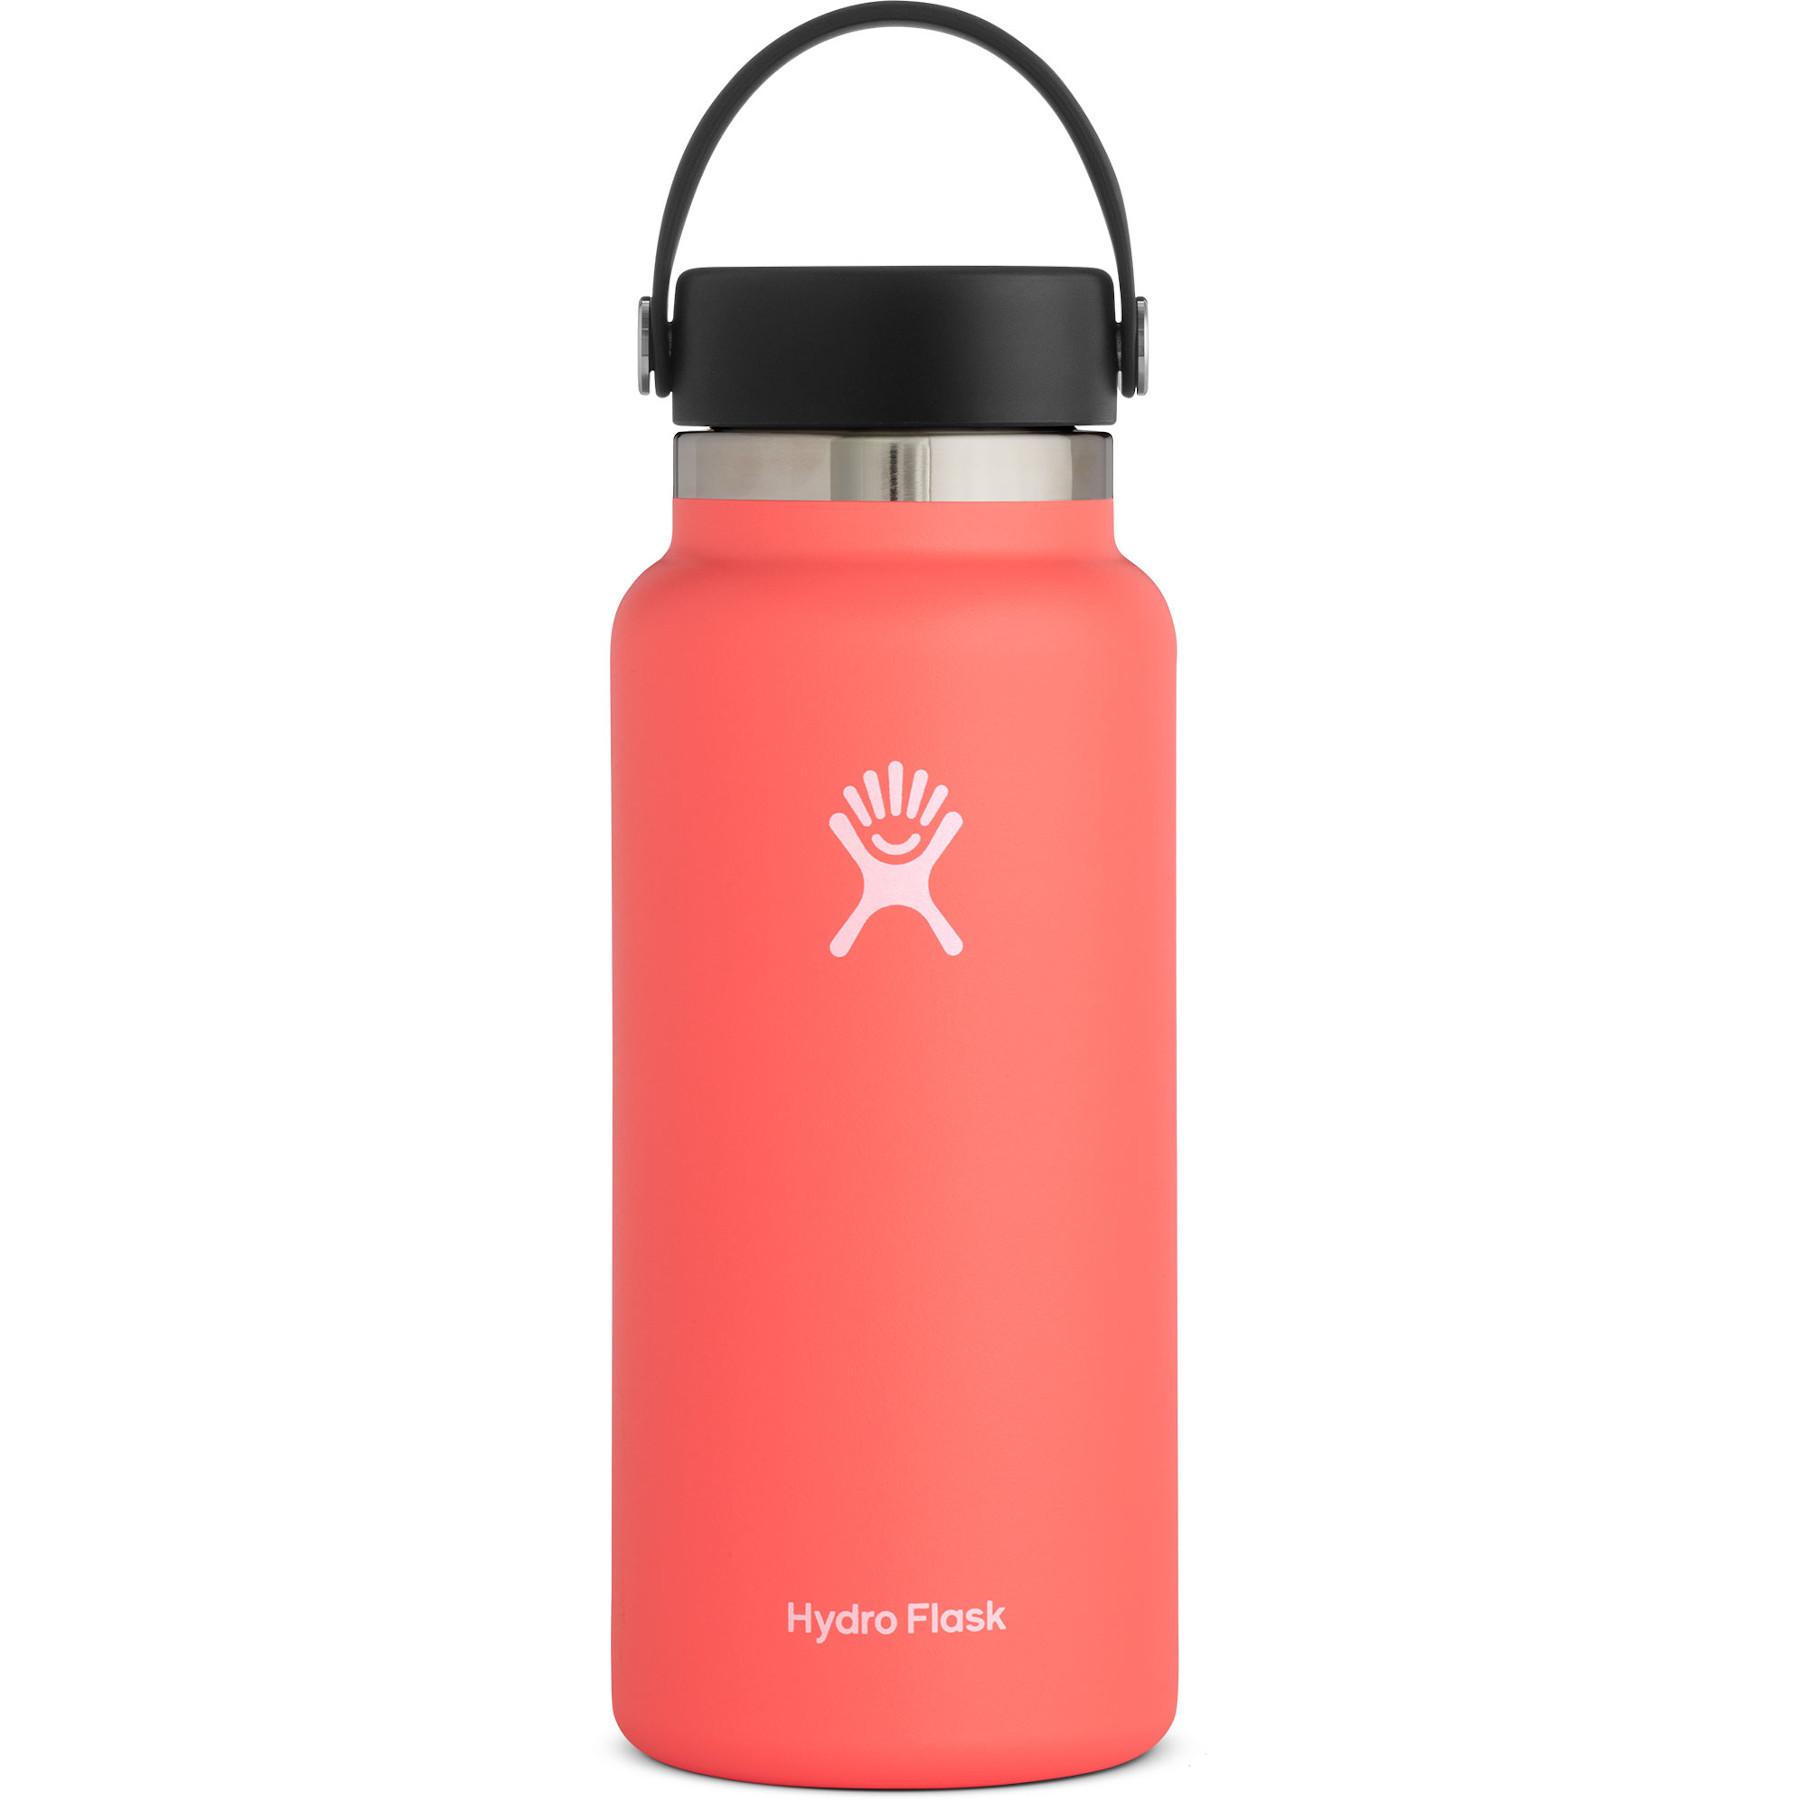 Produktbild von Hydro Flask 32 oz Wide Mouth mit Flex Cap 2.0 Thermoflasche 946 ml - Hibiscus